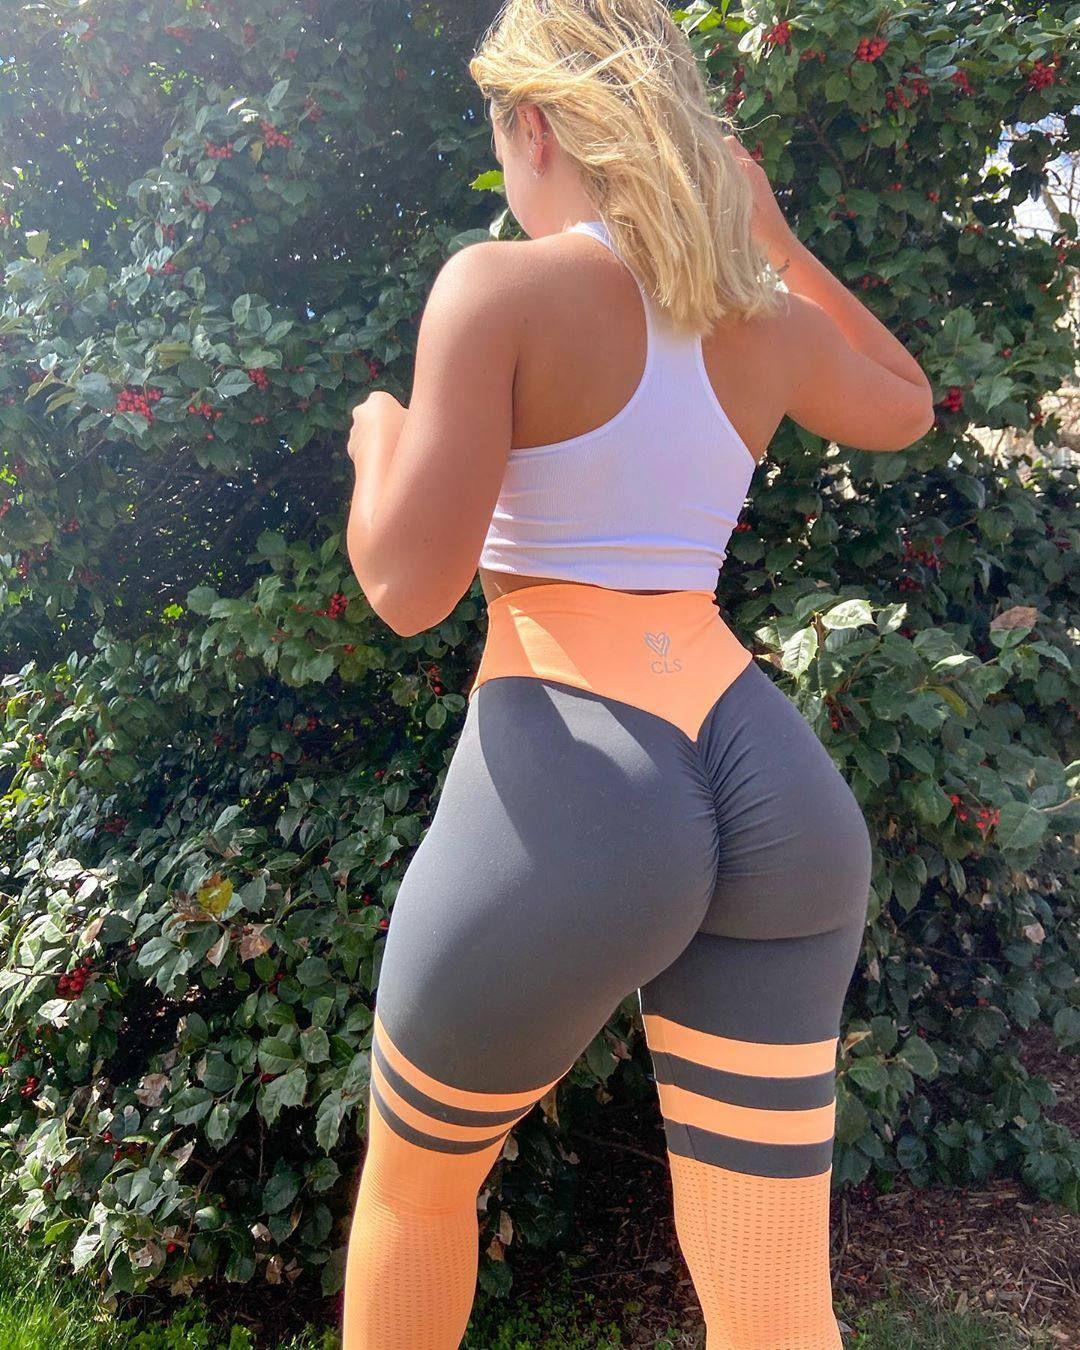 Jenni Niemaann Sexy & Topless 0015